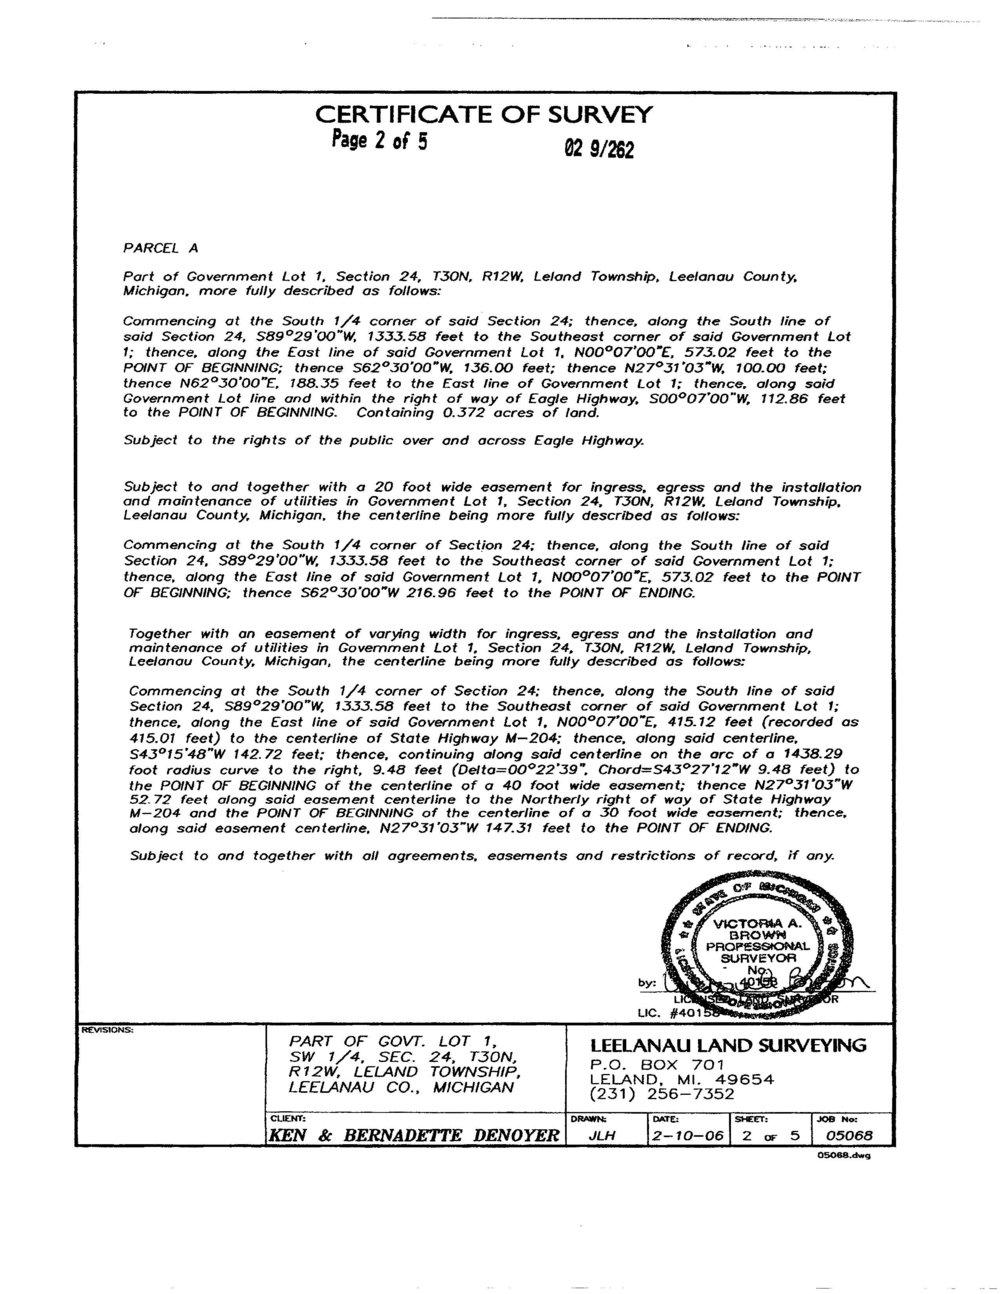 45 N Eagle Highway, Lake Leelanau, Real Estate For Sale by Oltersdorf Realty - Marketing Packet (8).jpg